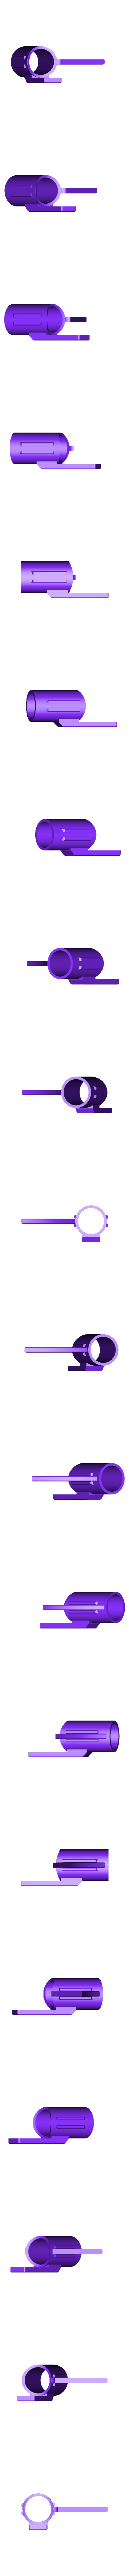 radial_body_2.0_A.stl Télécharger fichier STL gratuit Moteur radial ou Hula • Design à imprimer en 3D, Mathorethan